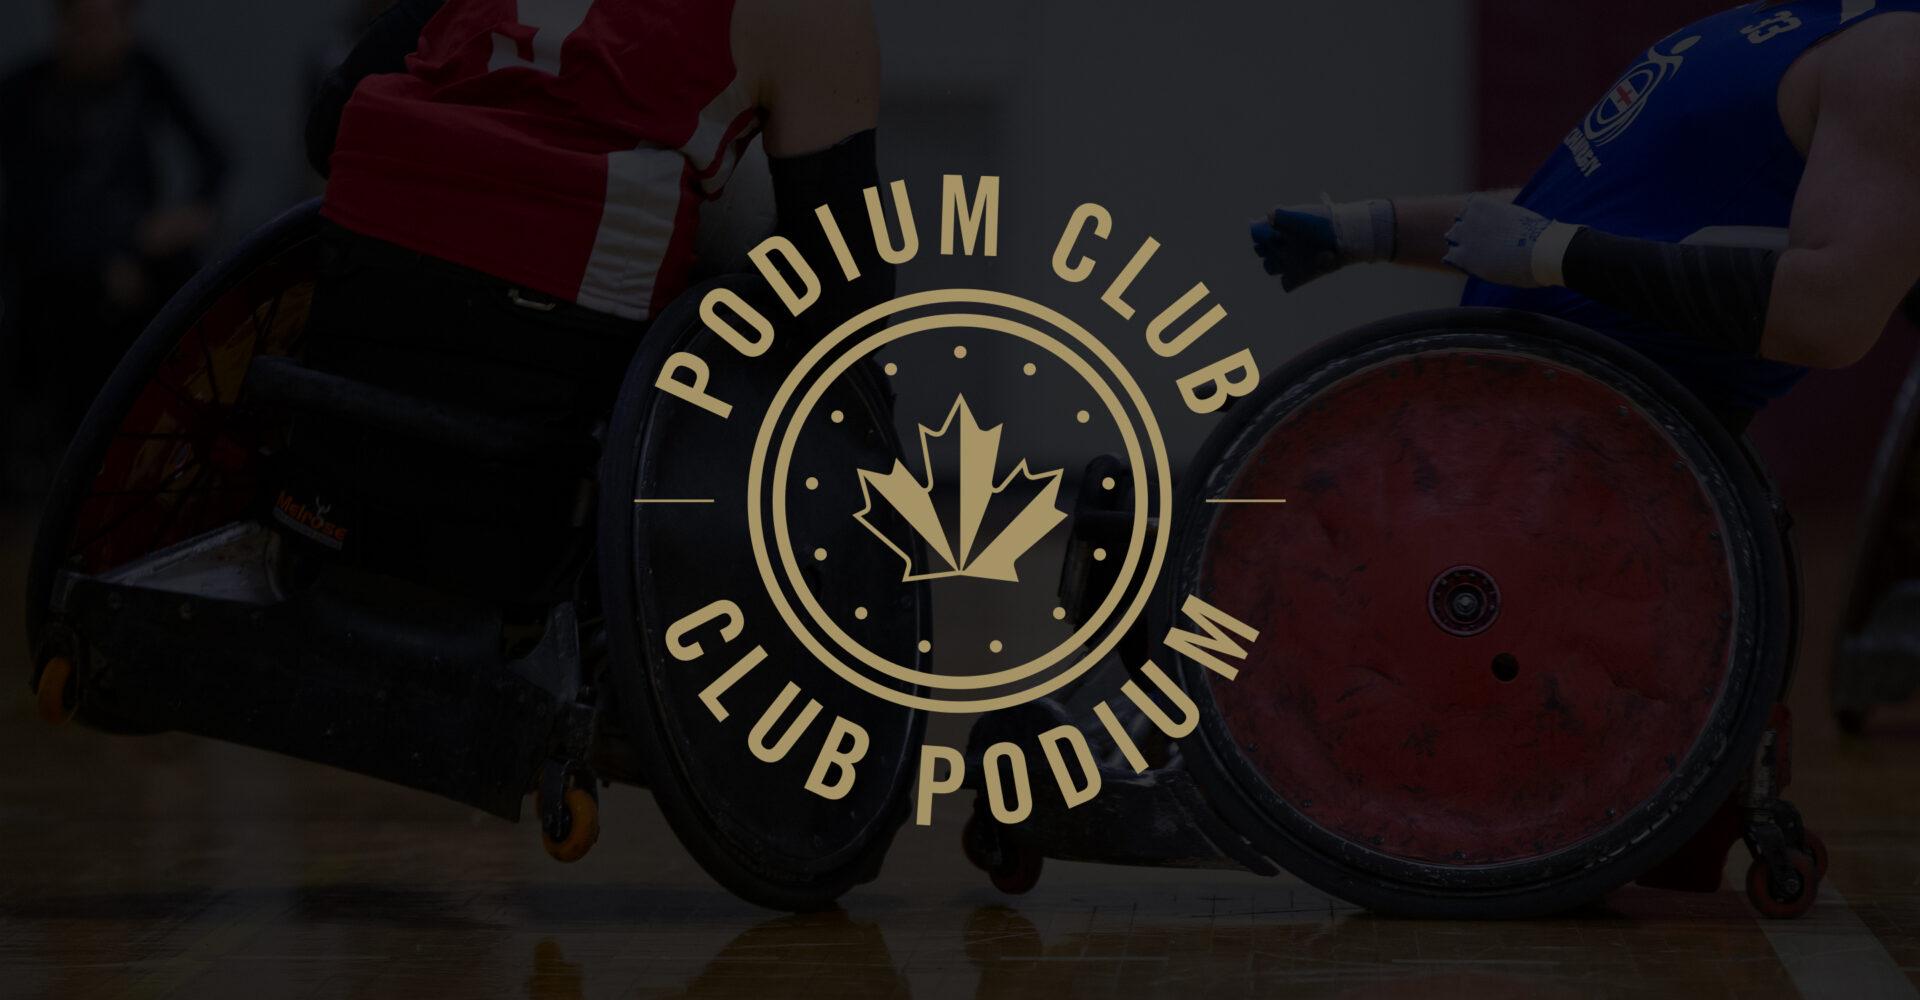 2020-21 Podium Club Announced